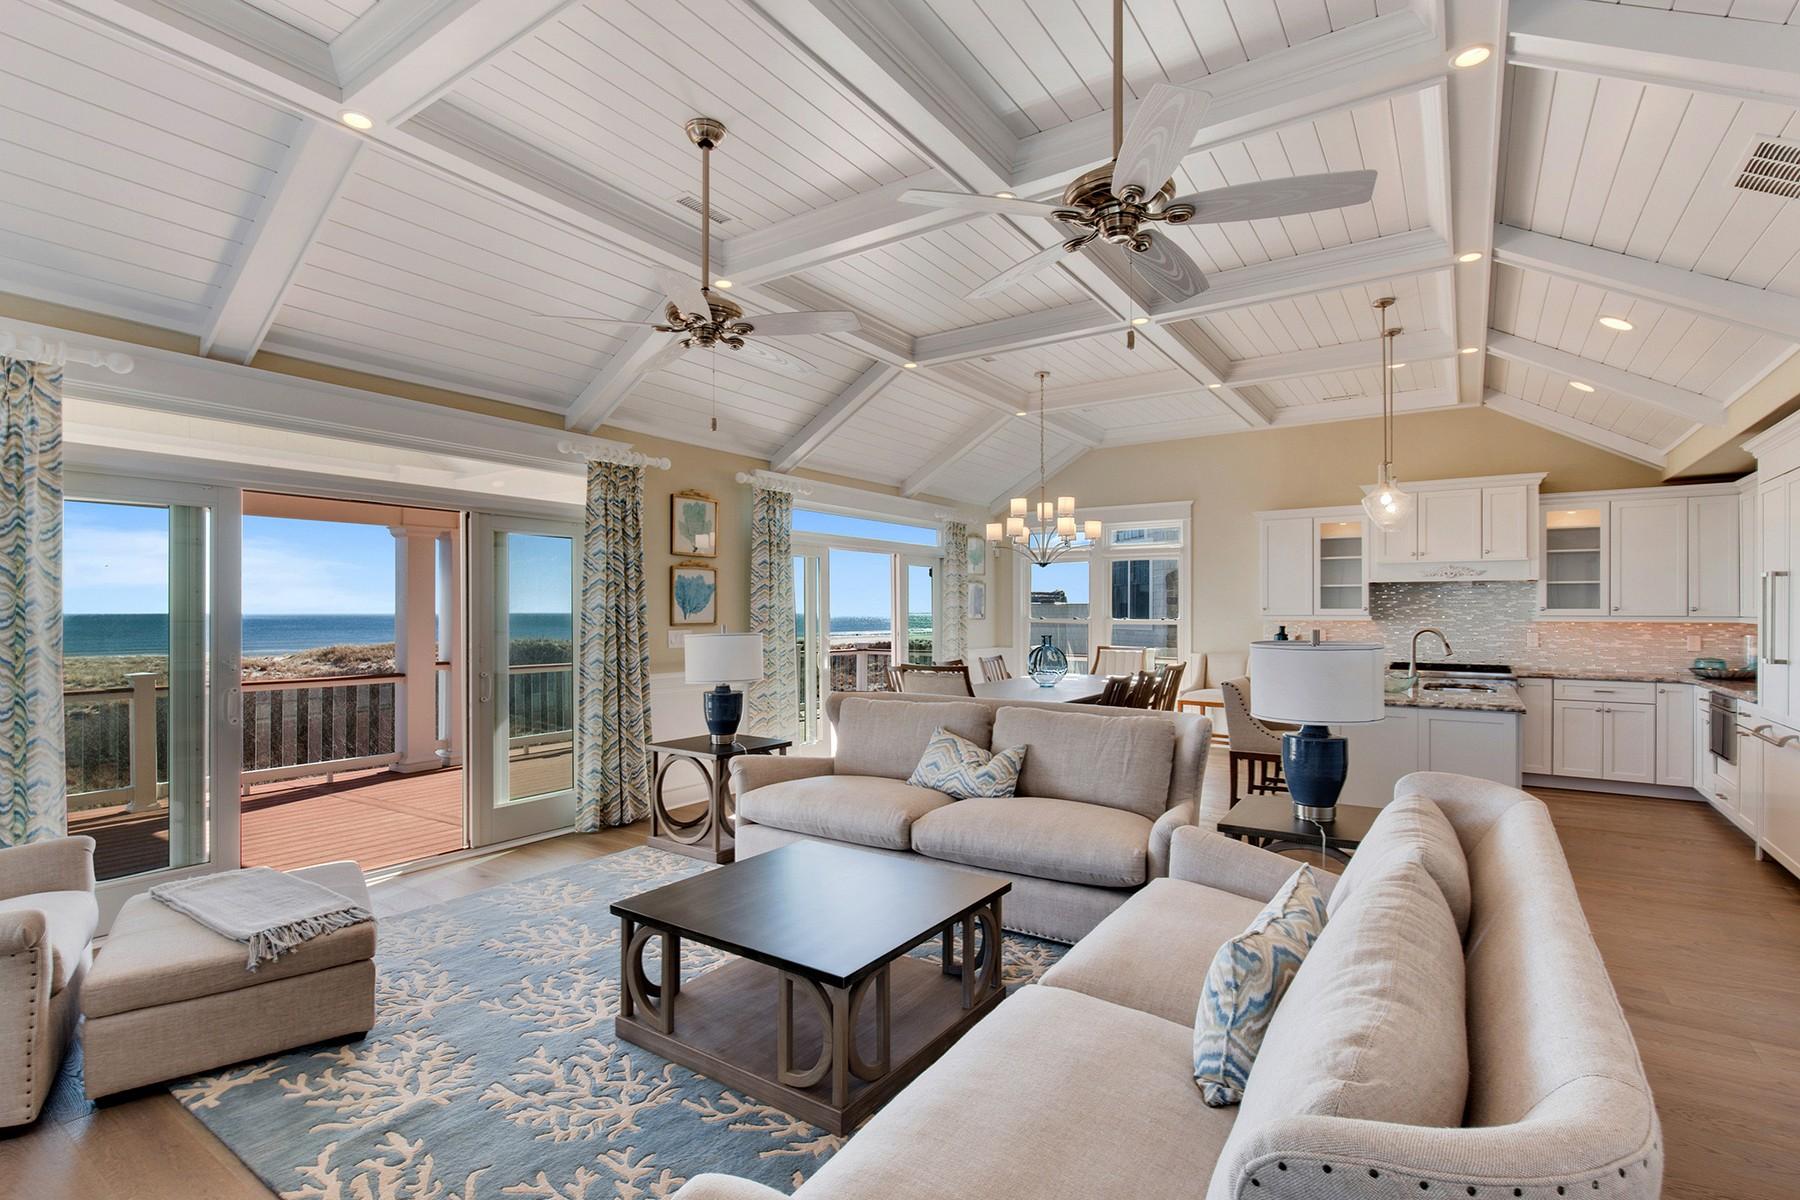 Кондоминиум для того Продажа на Elegant New Construction Beachfront 3006 Wesley Avenue Ocean City, 08226 Соединенные Штаты